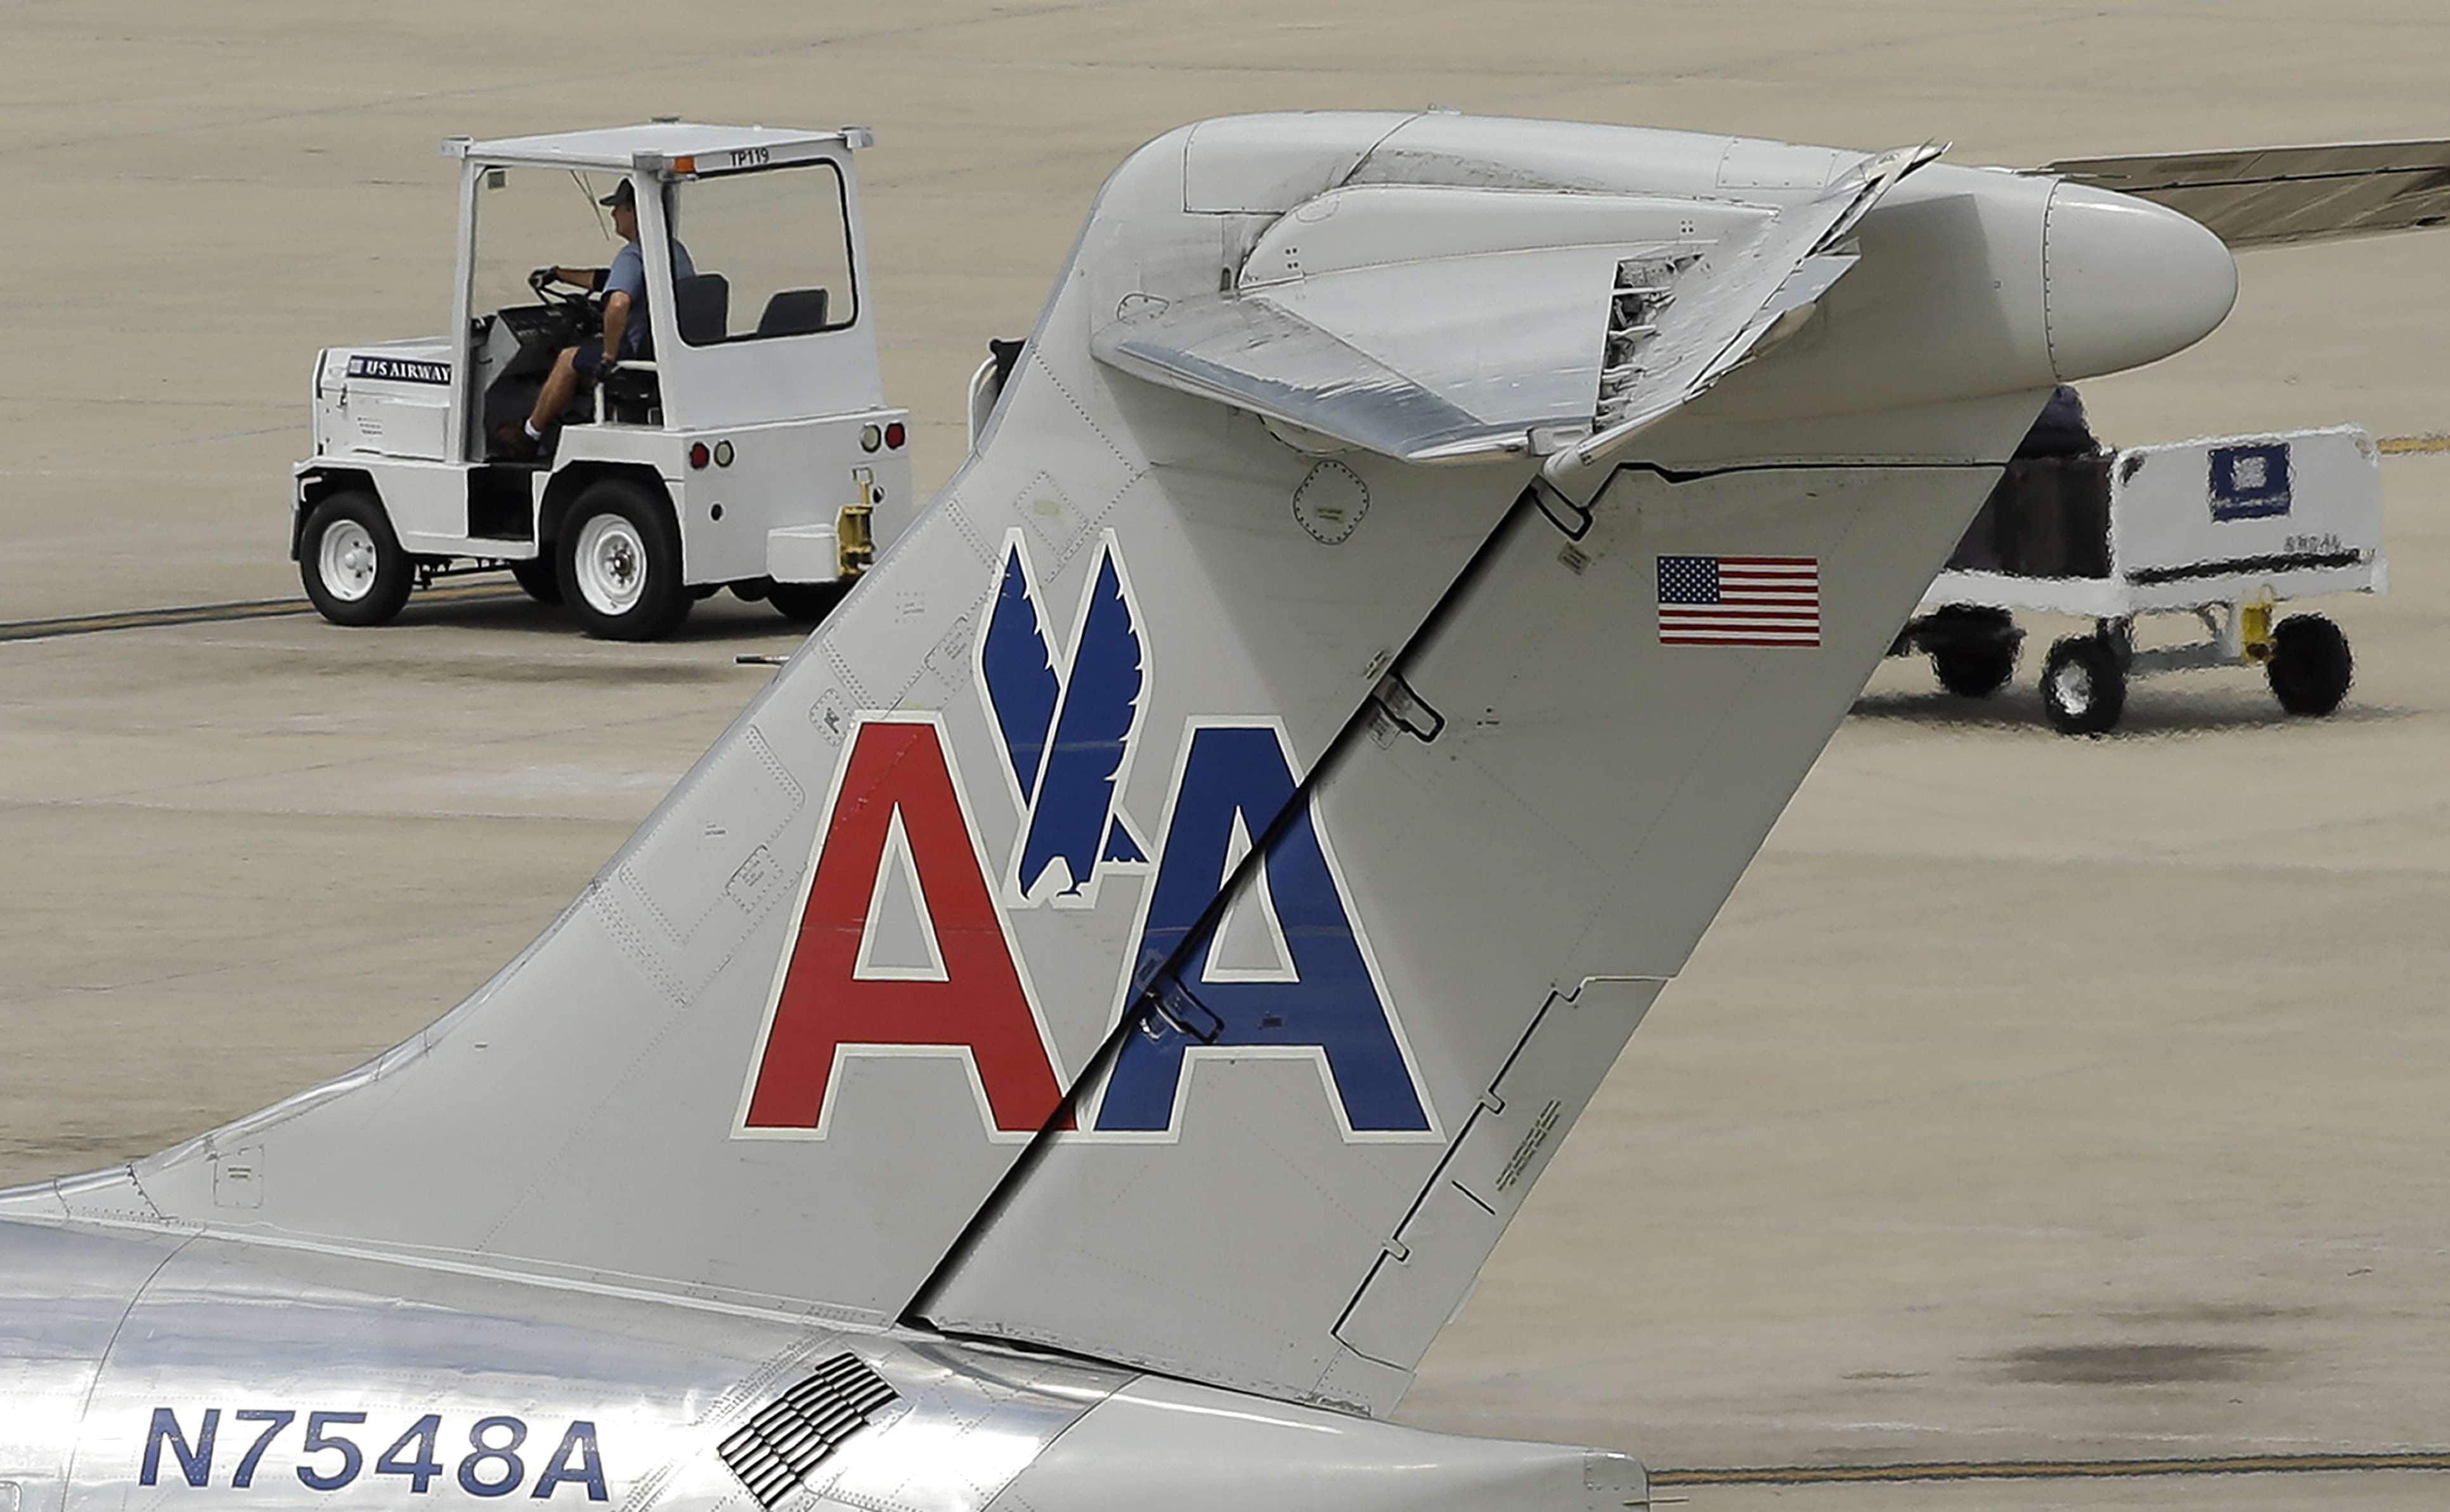 Al menos una docena de los pasajeros tuvieron que recibir atención médica al desembarcar debido a heridas leves como golpes o fracturas, todos ellos de nacionalidad estadounidense o surcoreana Foto: Chris O'Meara/AP/Archivo